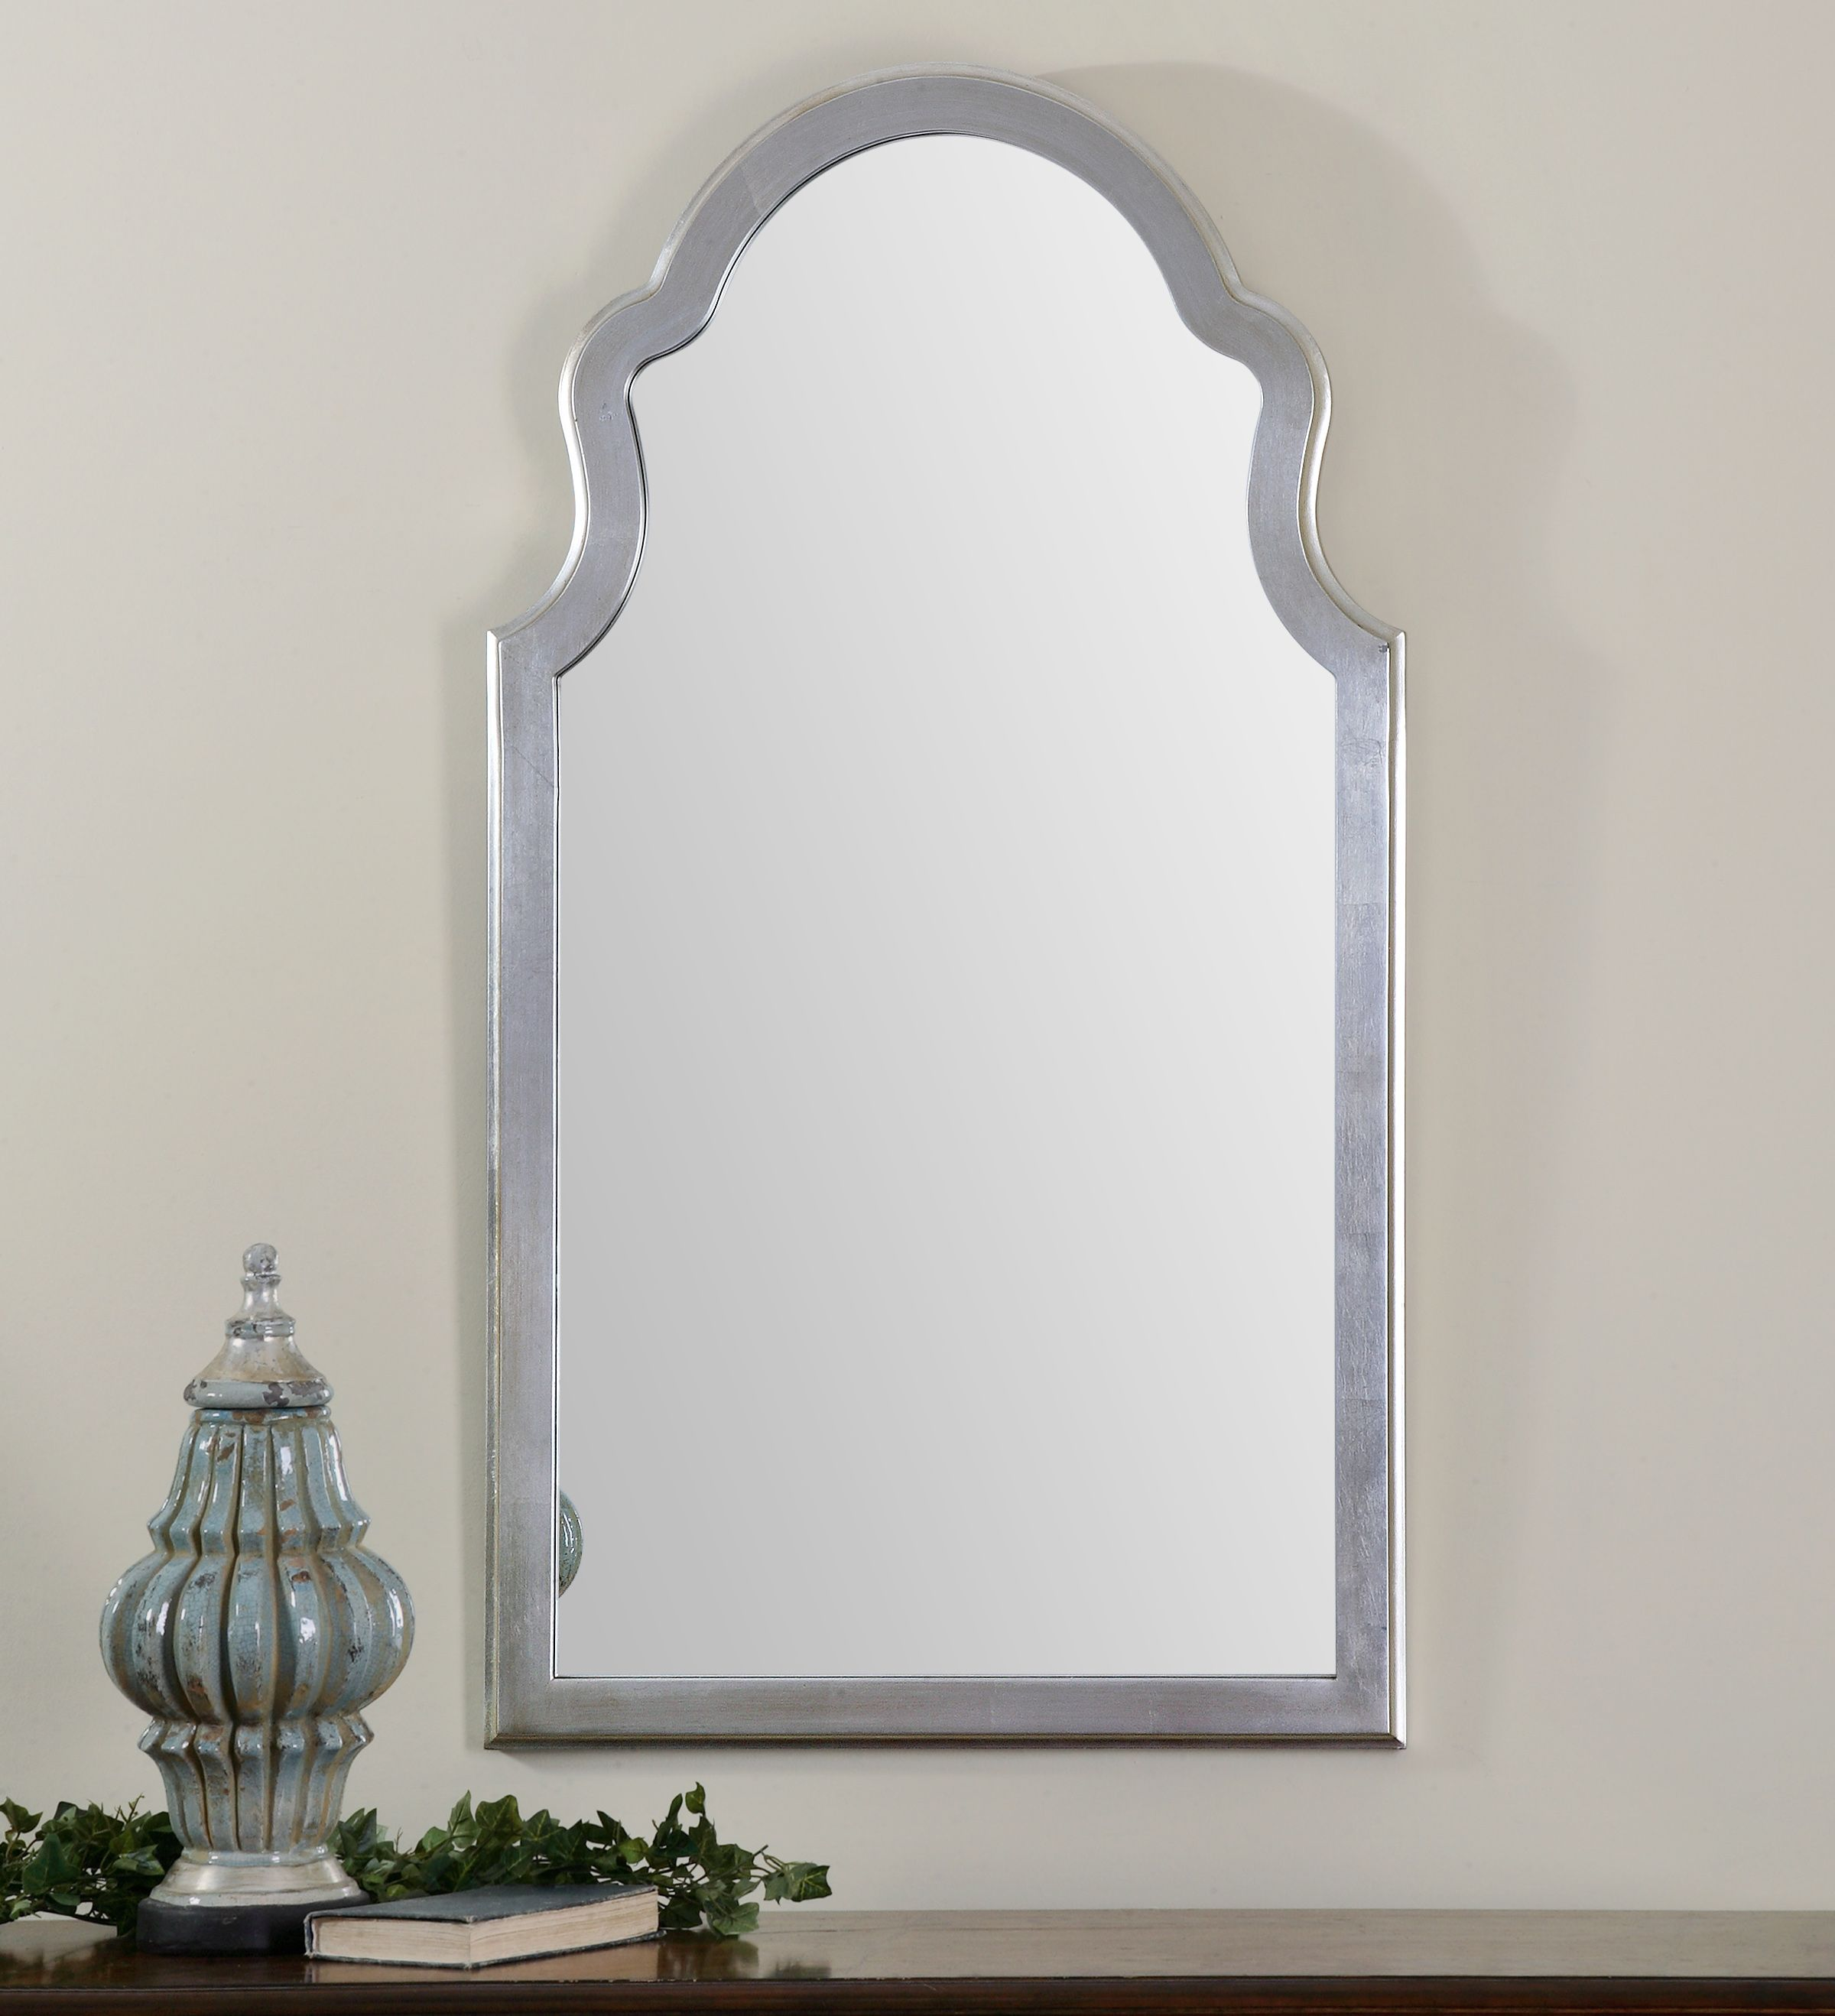 Uttermost Brayden Arched Silver Mirror | Stephanie master bedroom ...